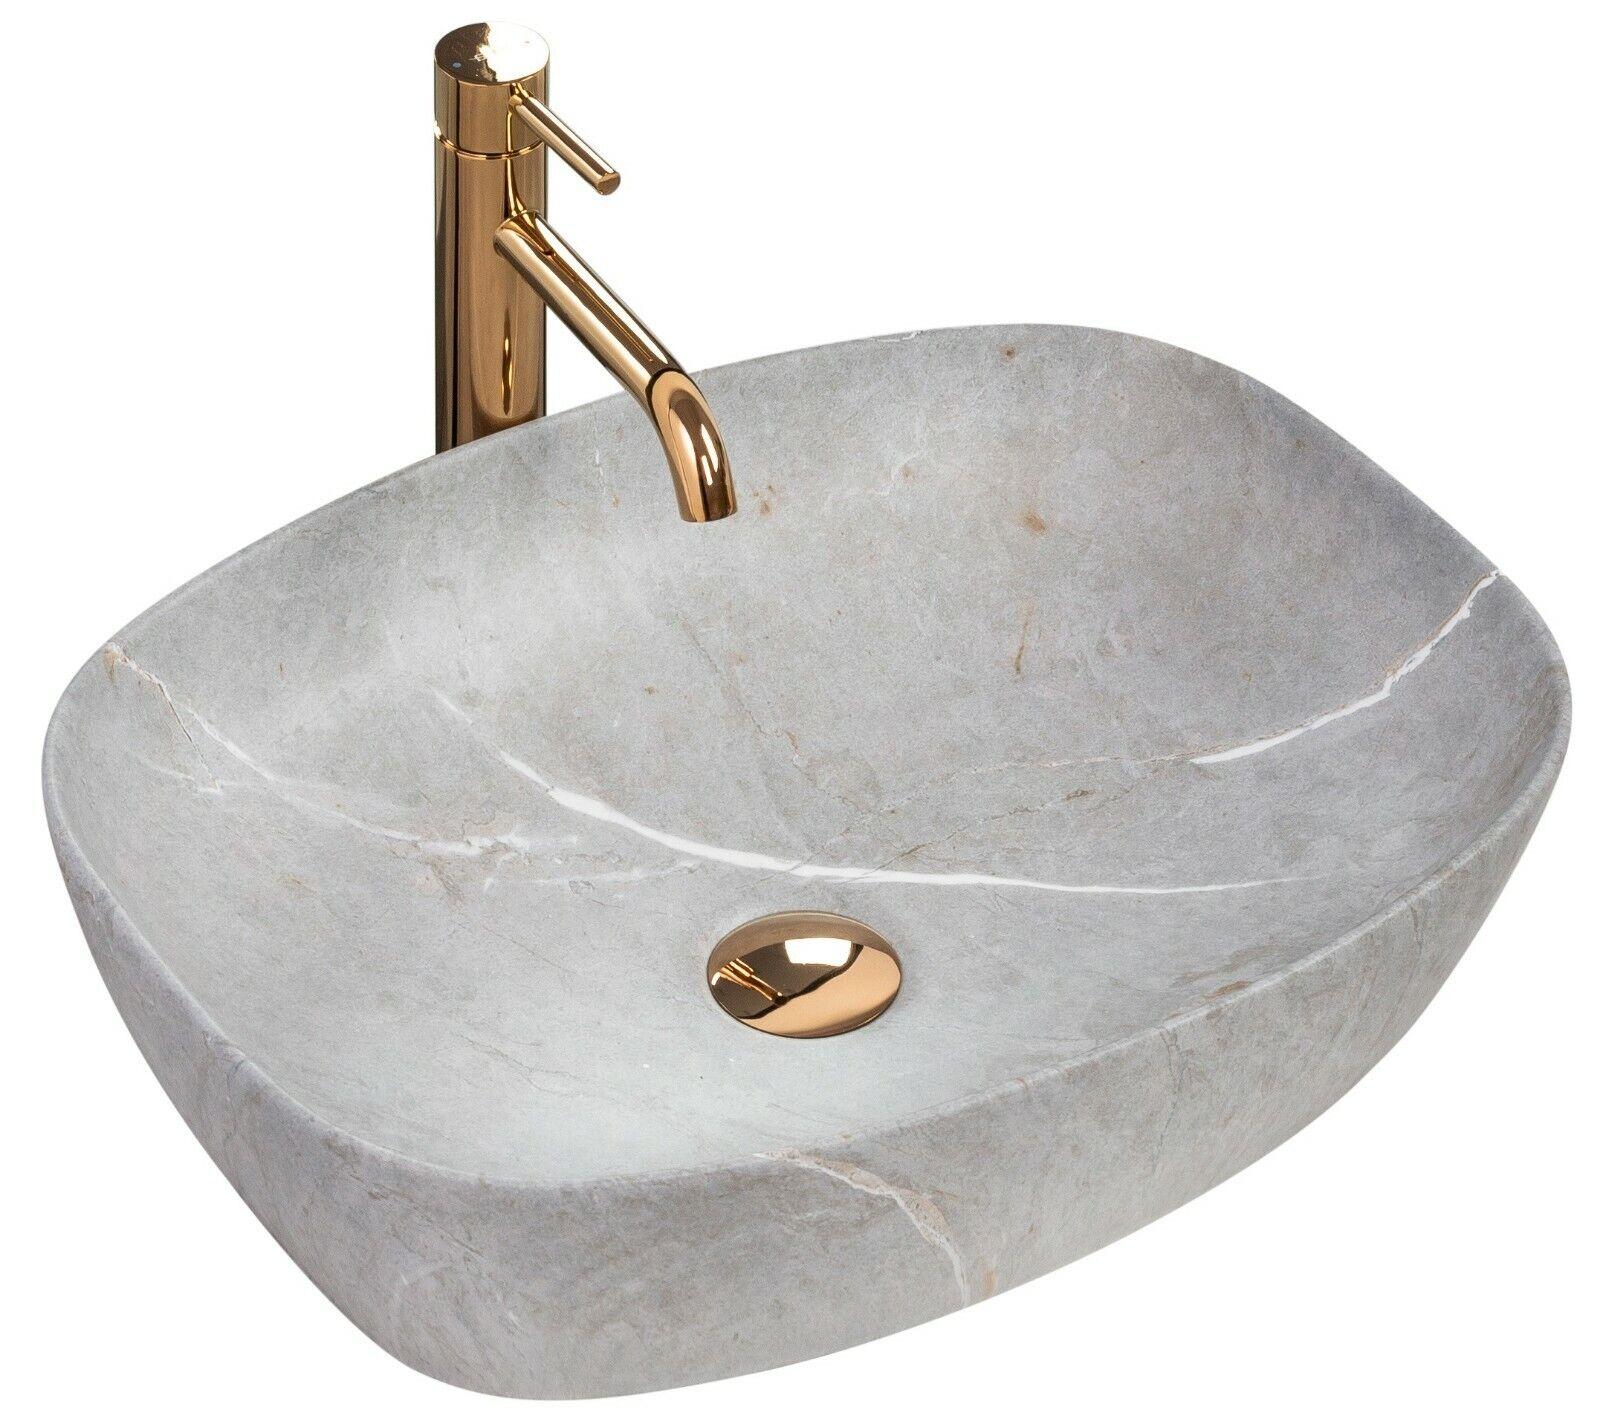 Lavabo In Ceramica - FREJA Beige gris REA Lavandino Da Appoggio